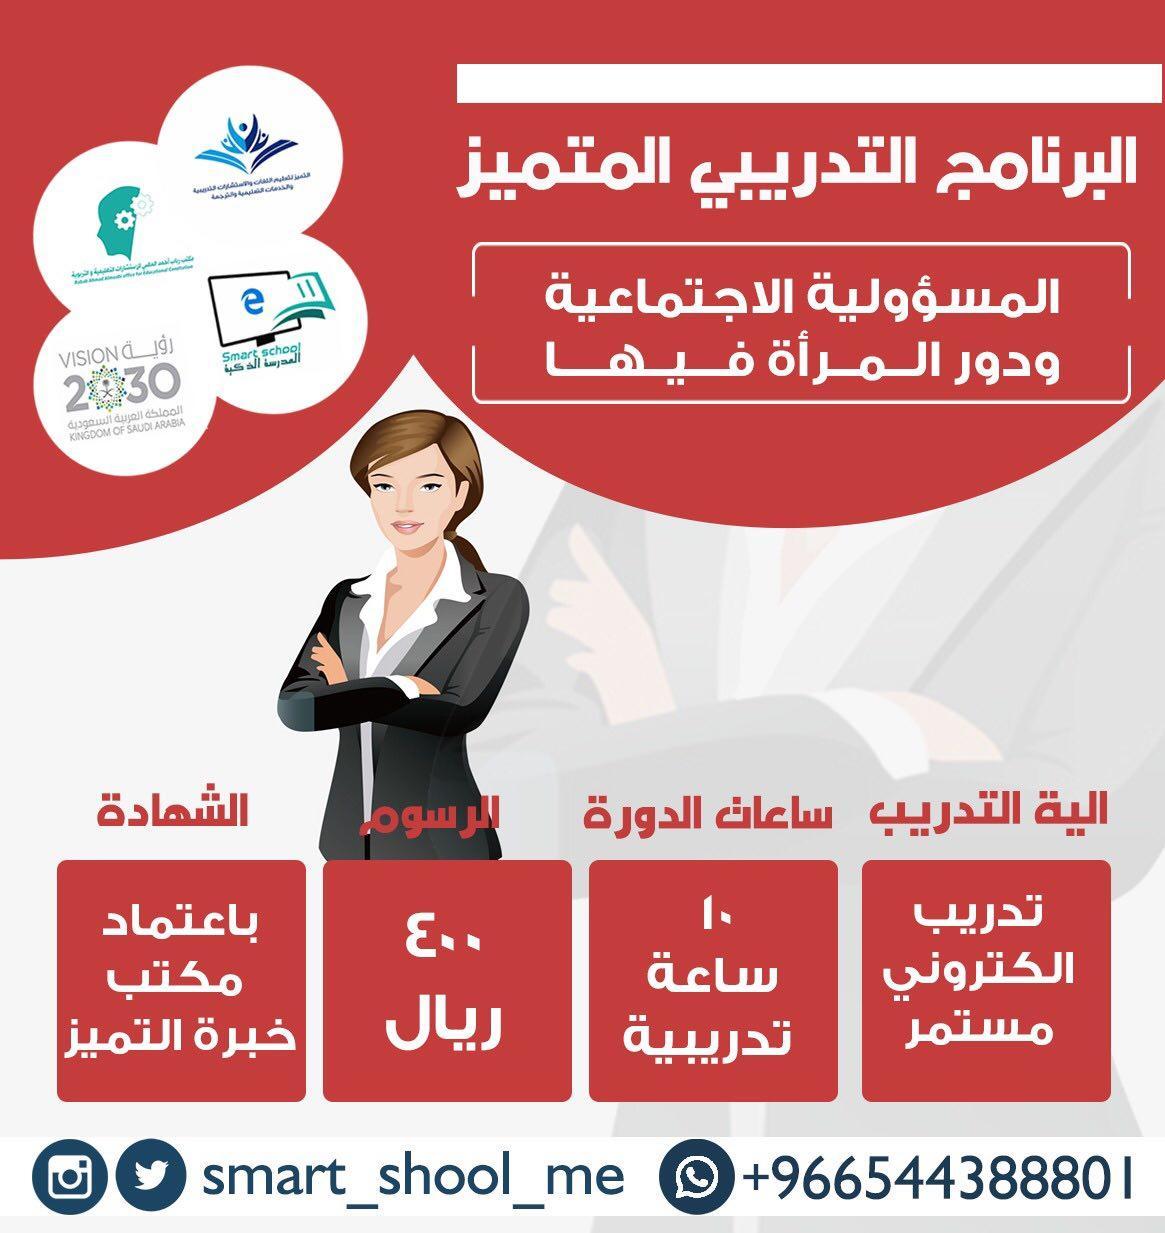 البرنامج التدريبي المتميز (المسؤولية الاجتماعية 149496281.jpg